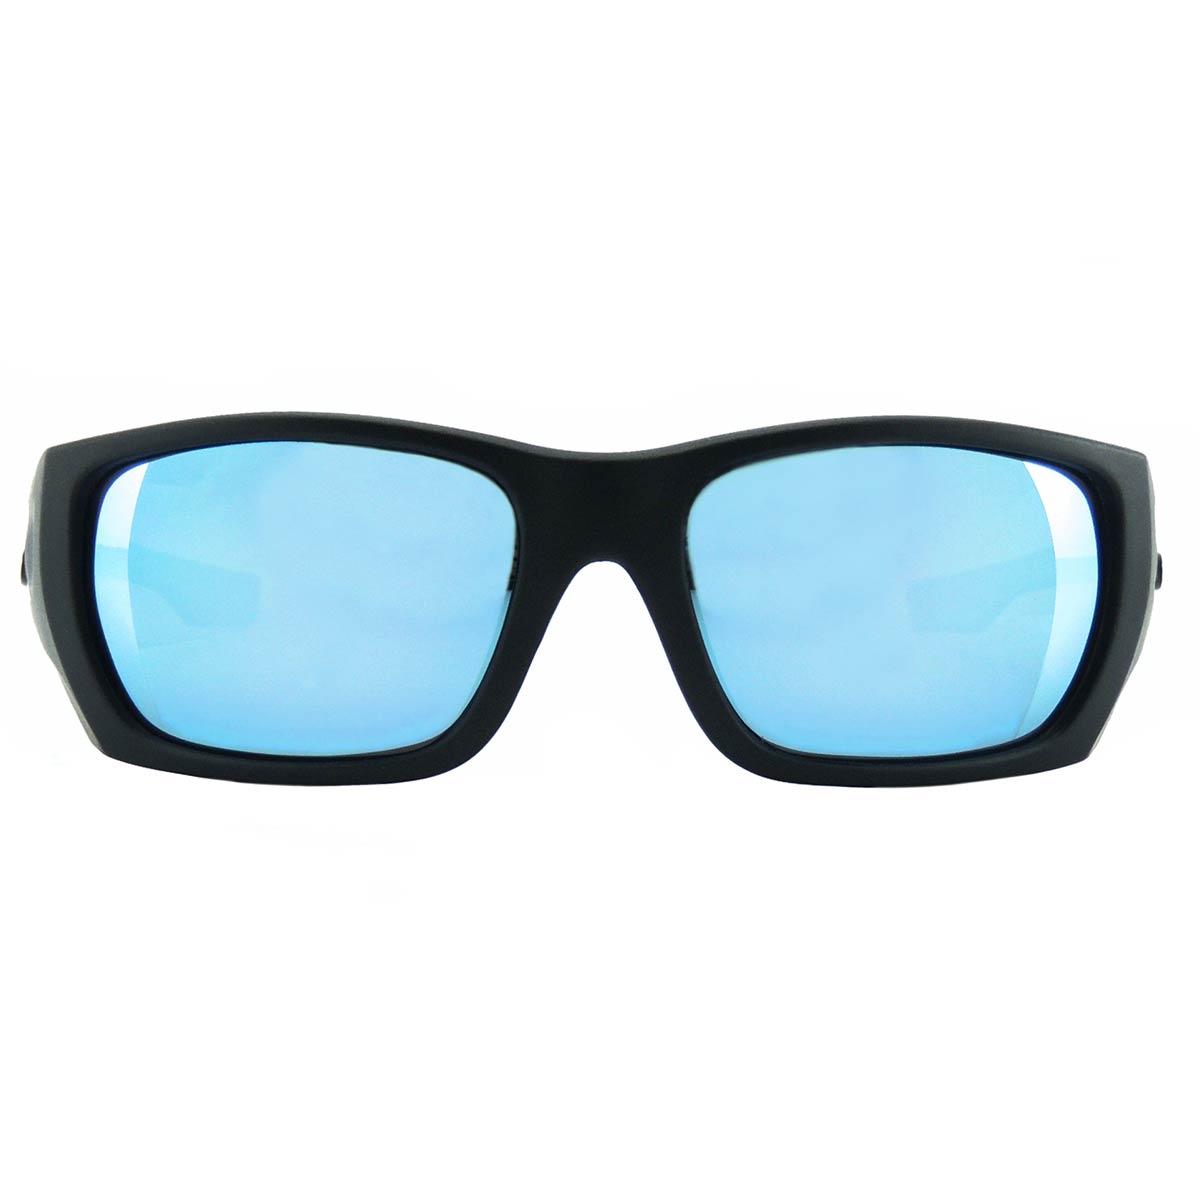 Óculos de Sol Adulto Batman Esportivo Azul